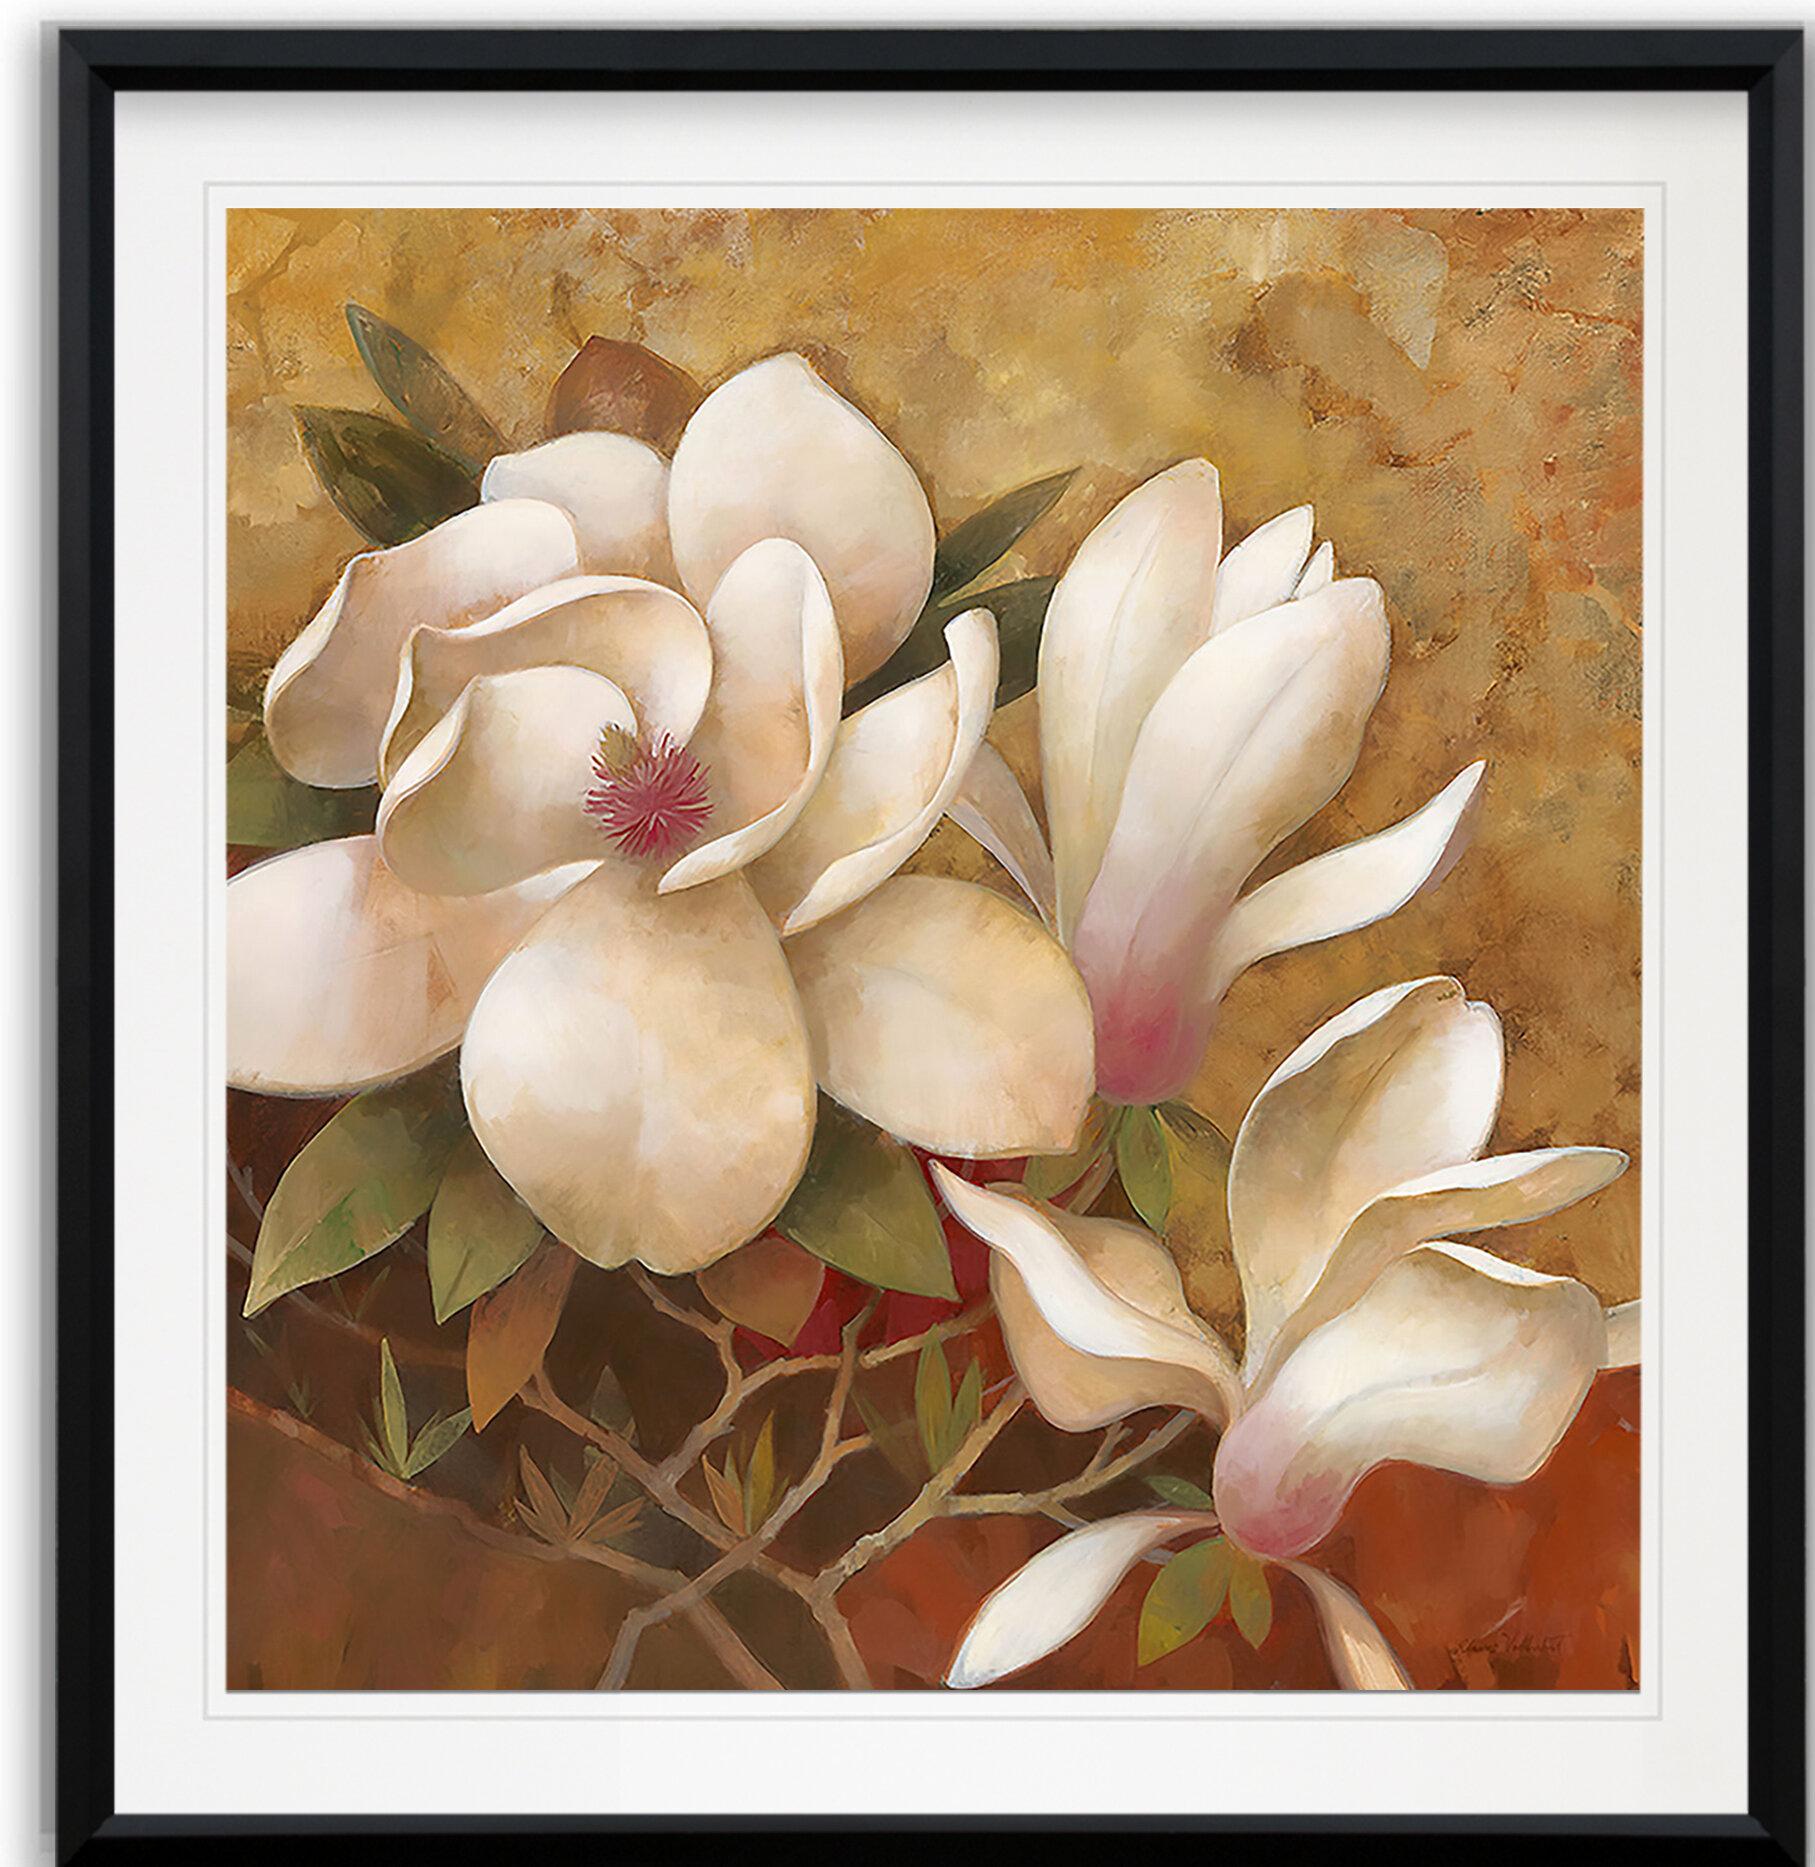 Framed Magnolia Wreath menu card